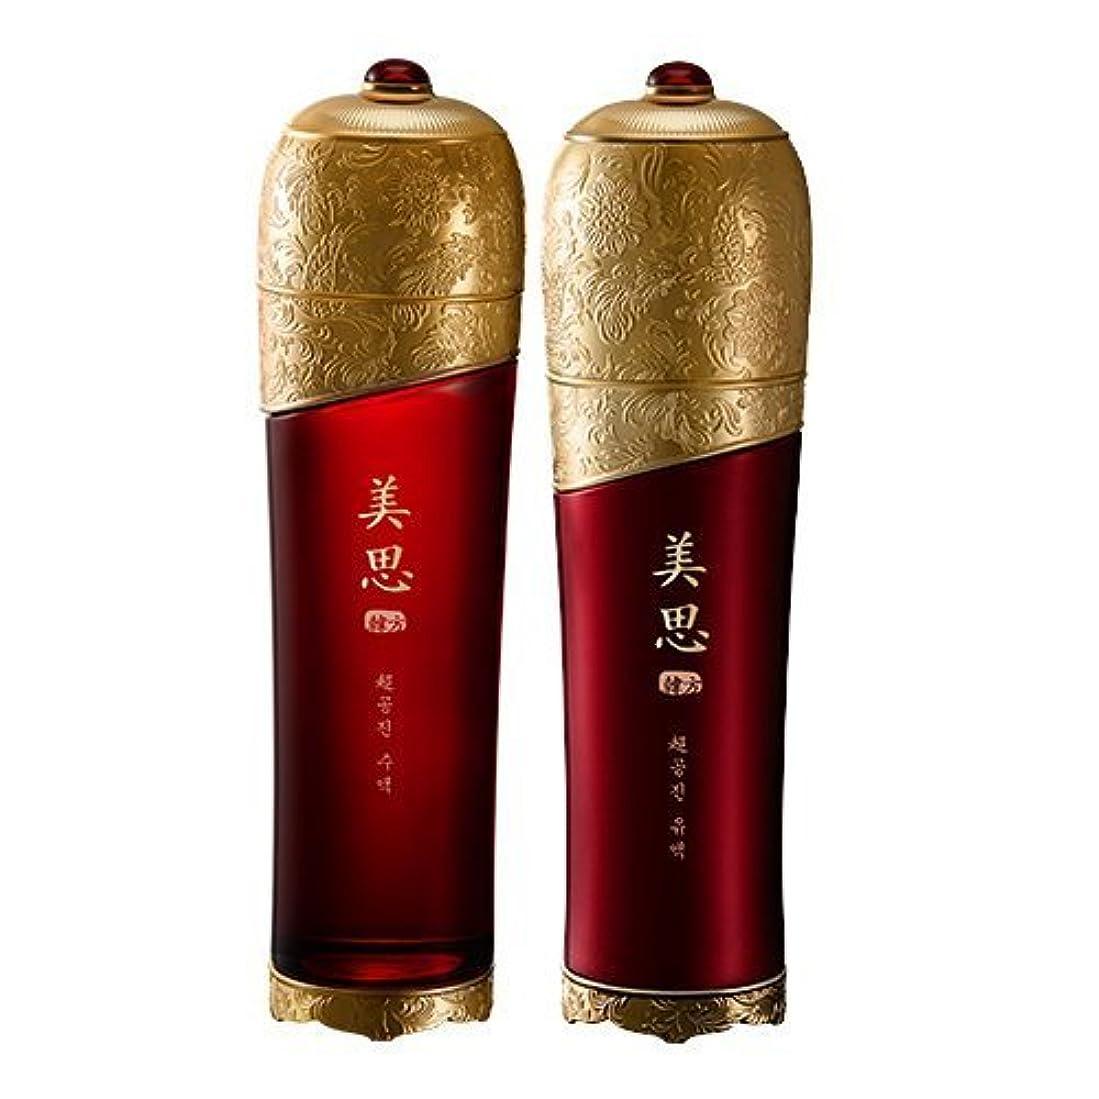 マウスキャプション最後にMISSHA(ミシャ) 美思 韓方 チョゴンジン 基礎化粧品 スキンケア 化粧水+乳液=お得2種Set